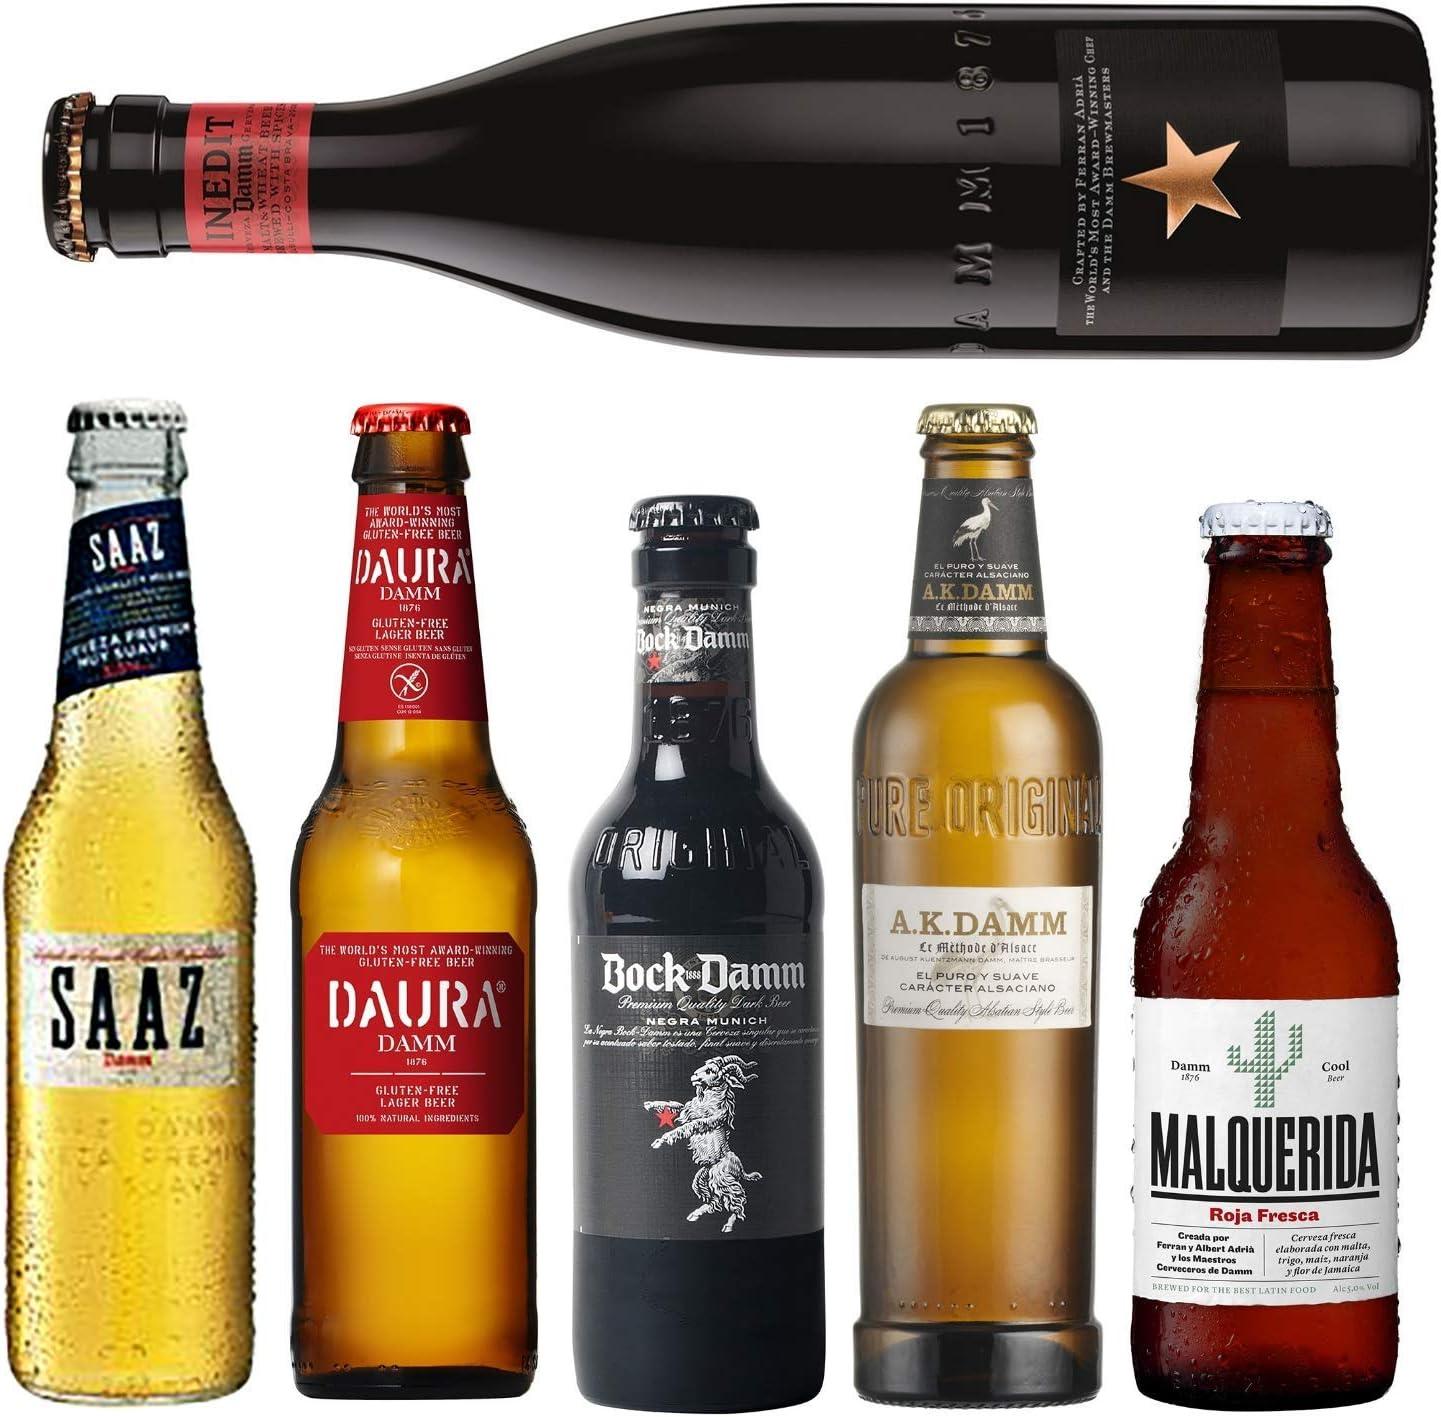 Pack de cervezas Damm - AK Damm, Malquerida cerveza, Damm Daura, Saaz, Inedit Damm, Bock Damm - Cervezas para coleccionar o degustar - Envio 24/48h: Amazon.es: Alimentación y bebidas